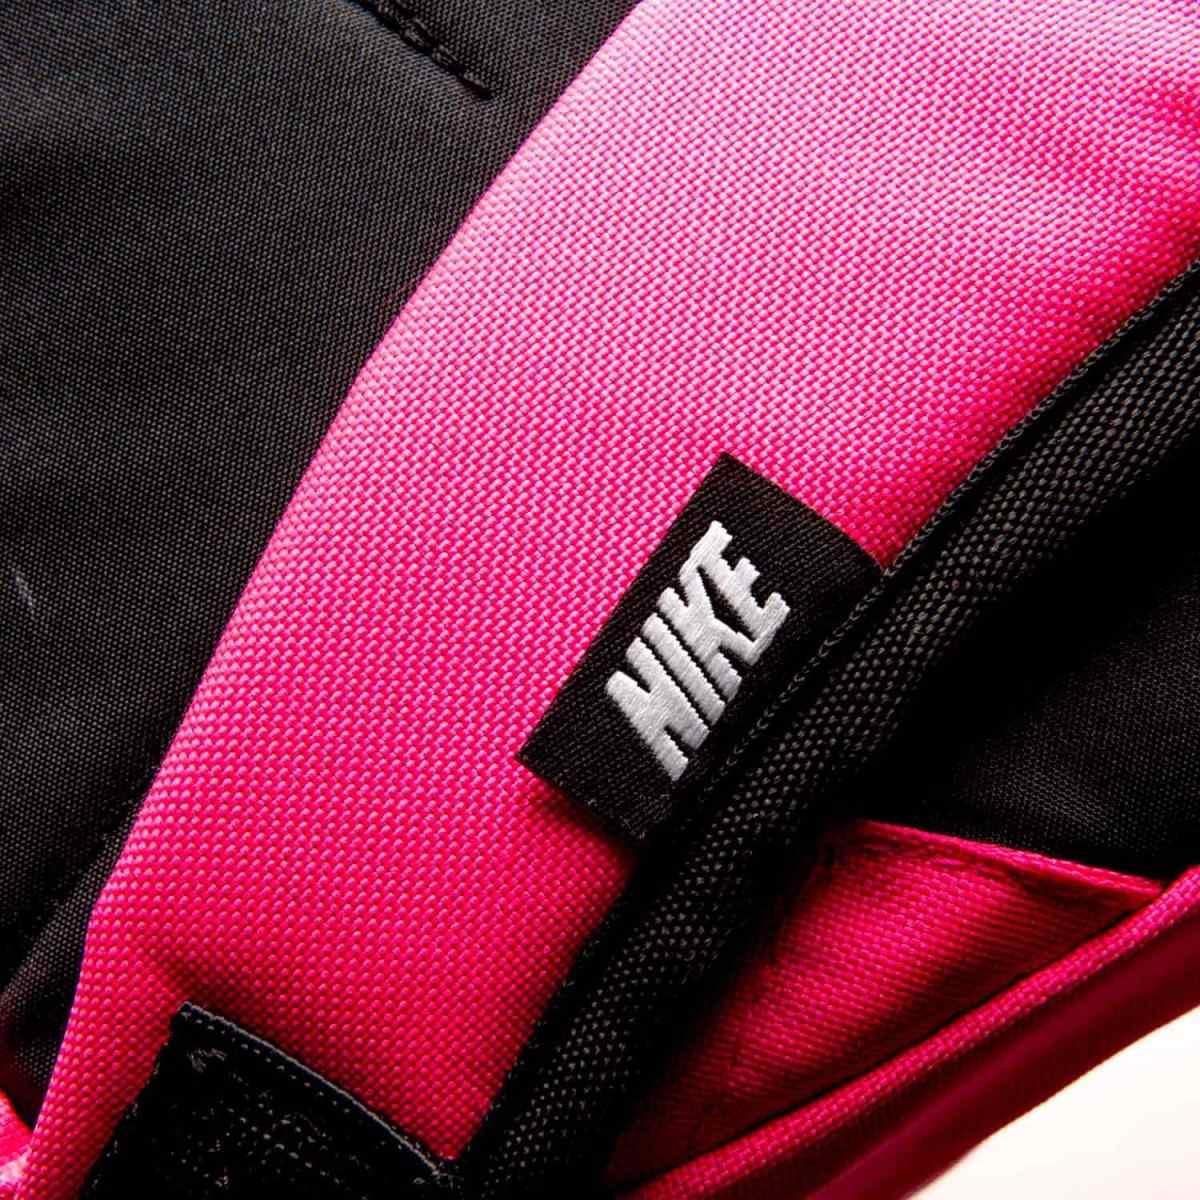 a4139b186 Mochila Nike Classic Band Feminina Rosa - R$ 109,99 em Mercado Livre